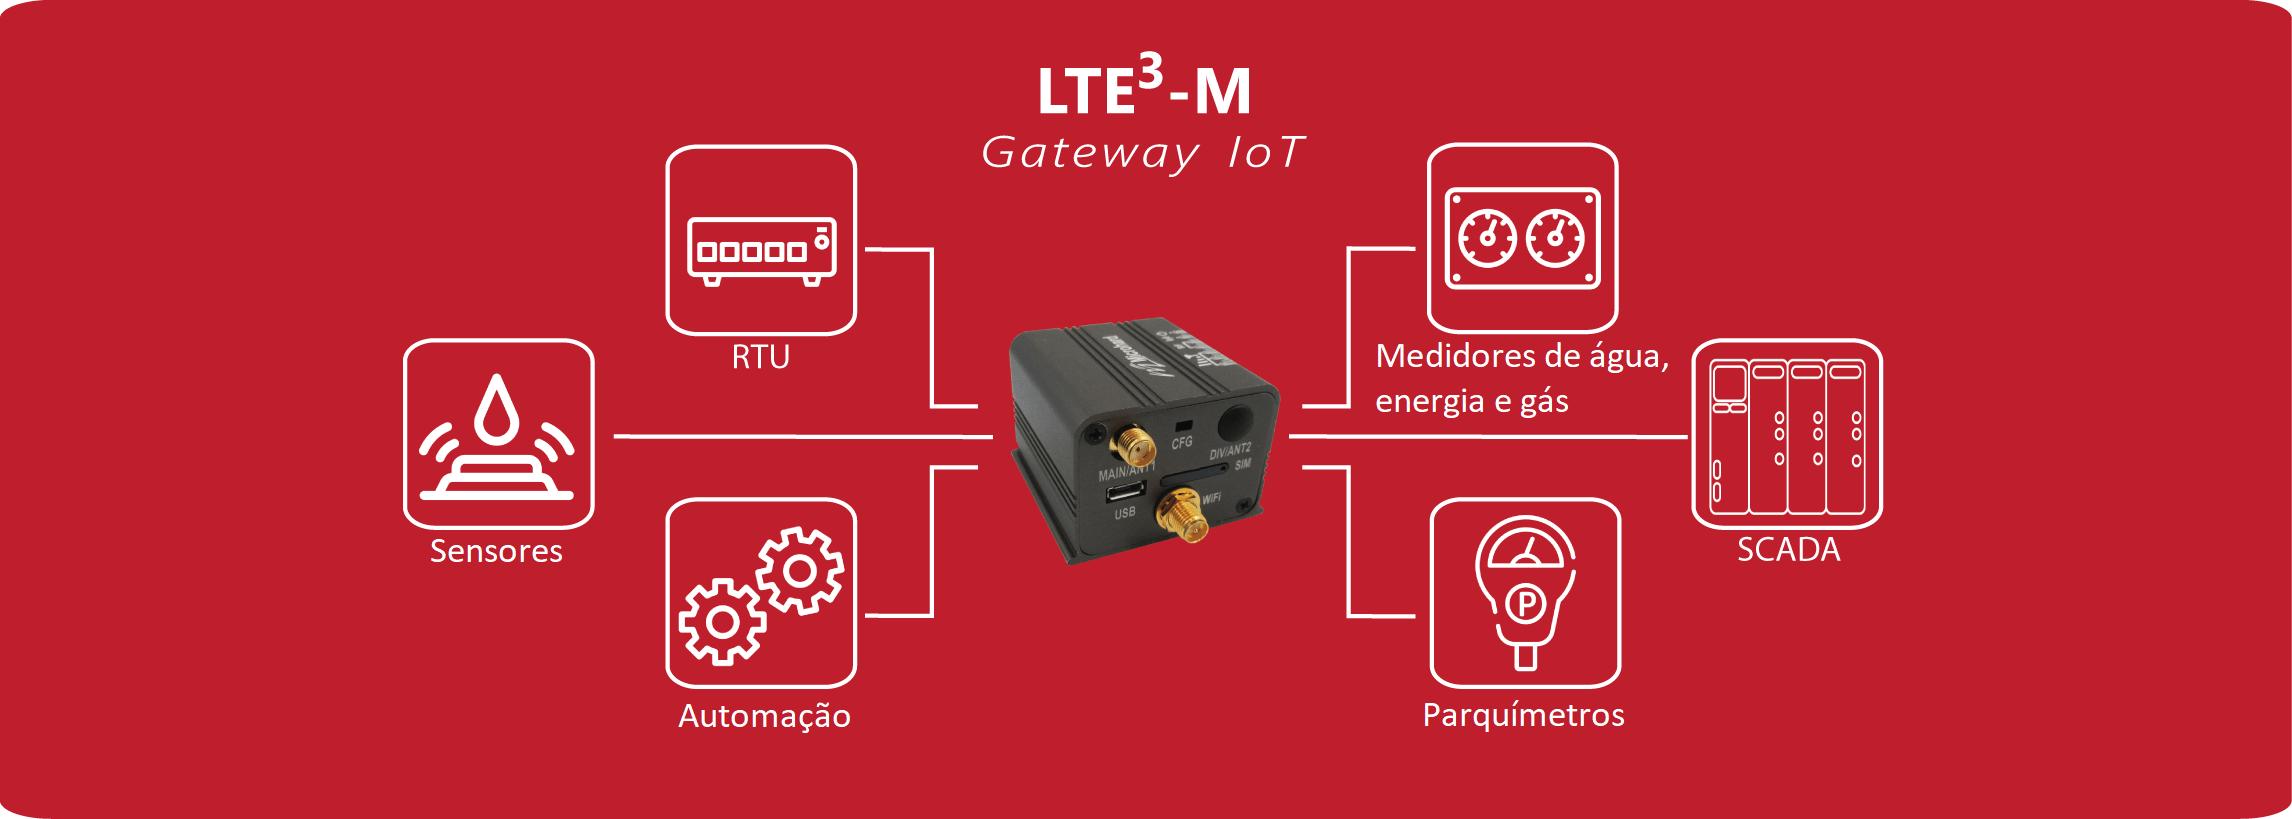 A tecnologia LTE aplicada na comunicação entre máquinas